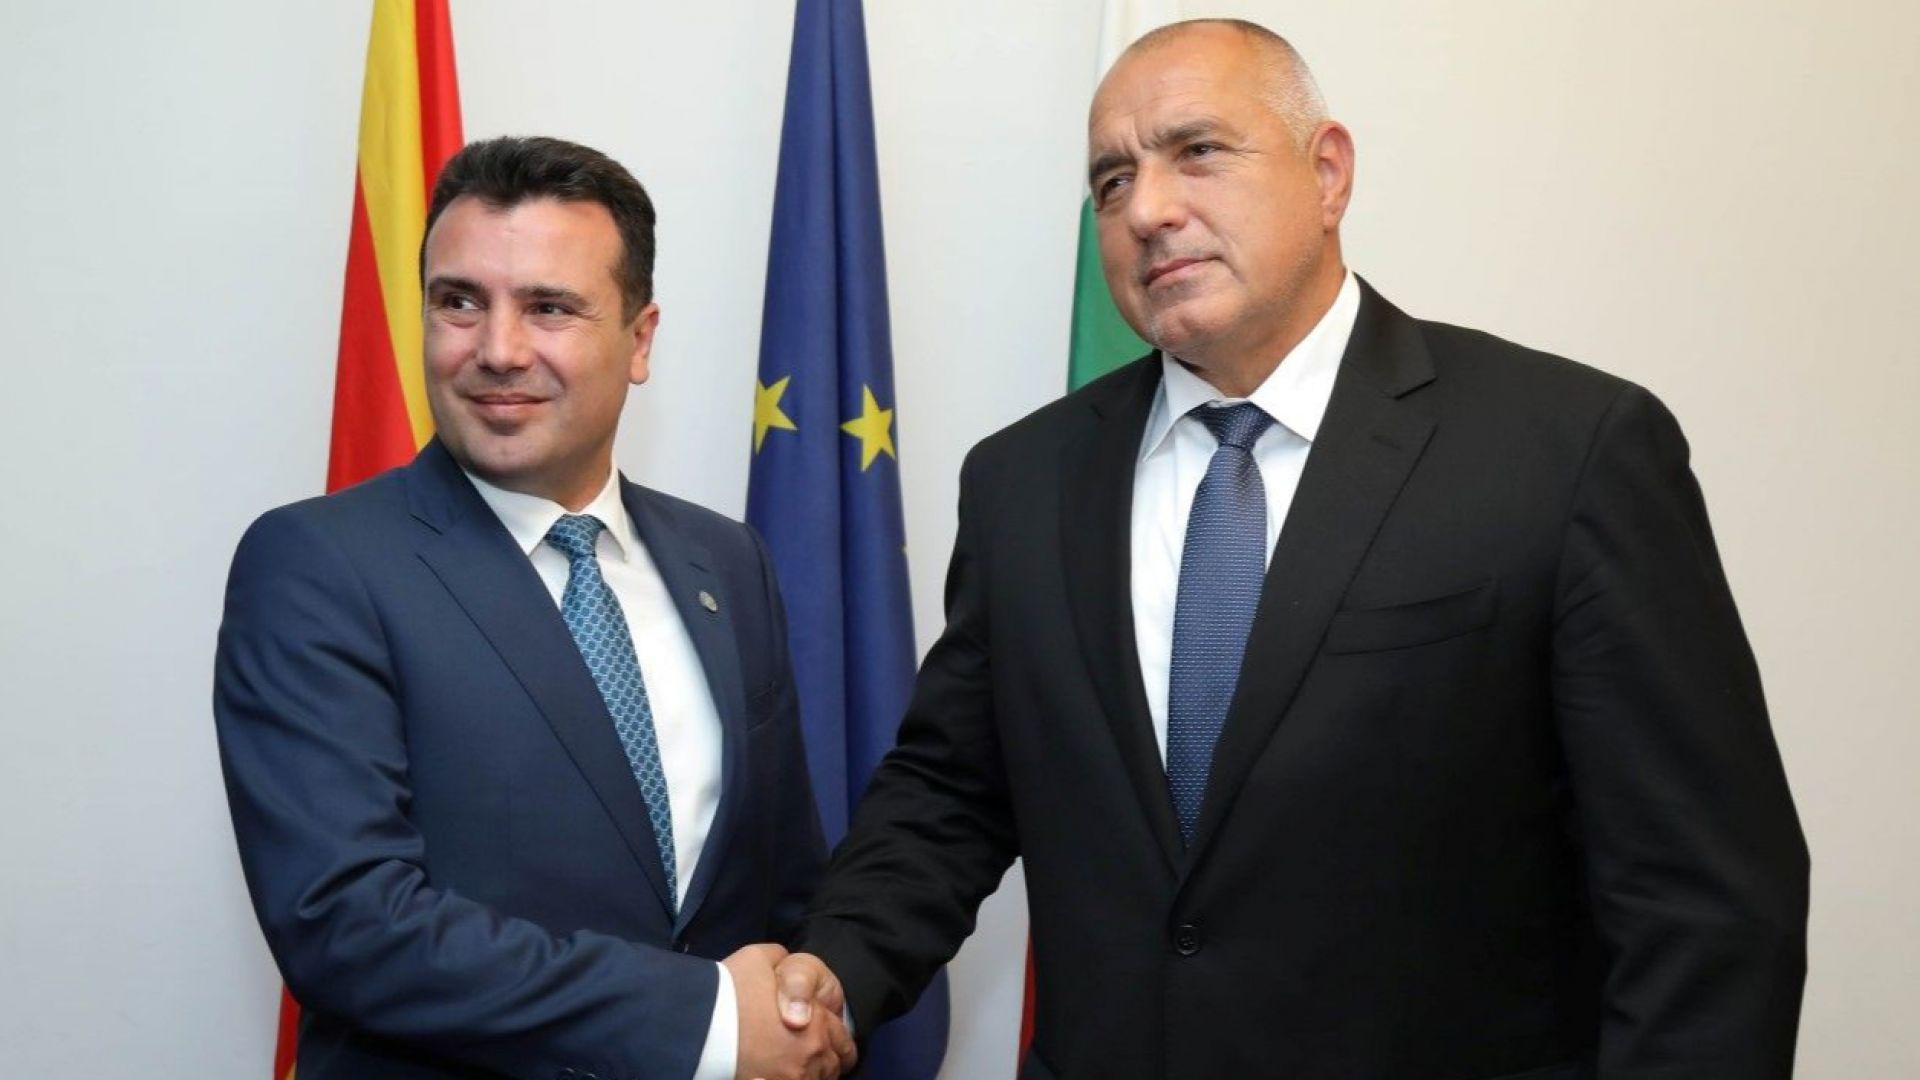 Бойко Борисов проведе срещи с премиери от Западните Балкани